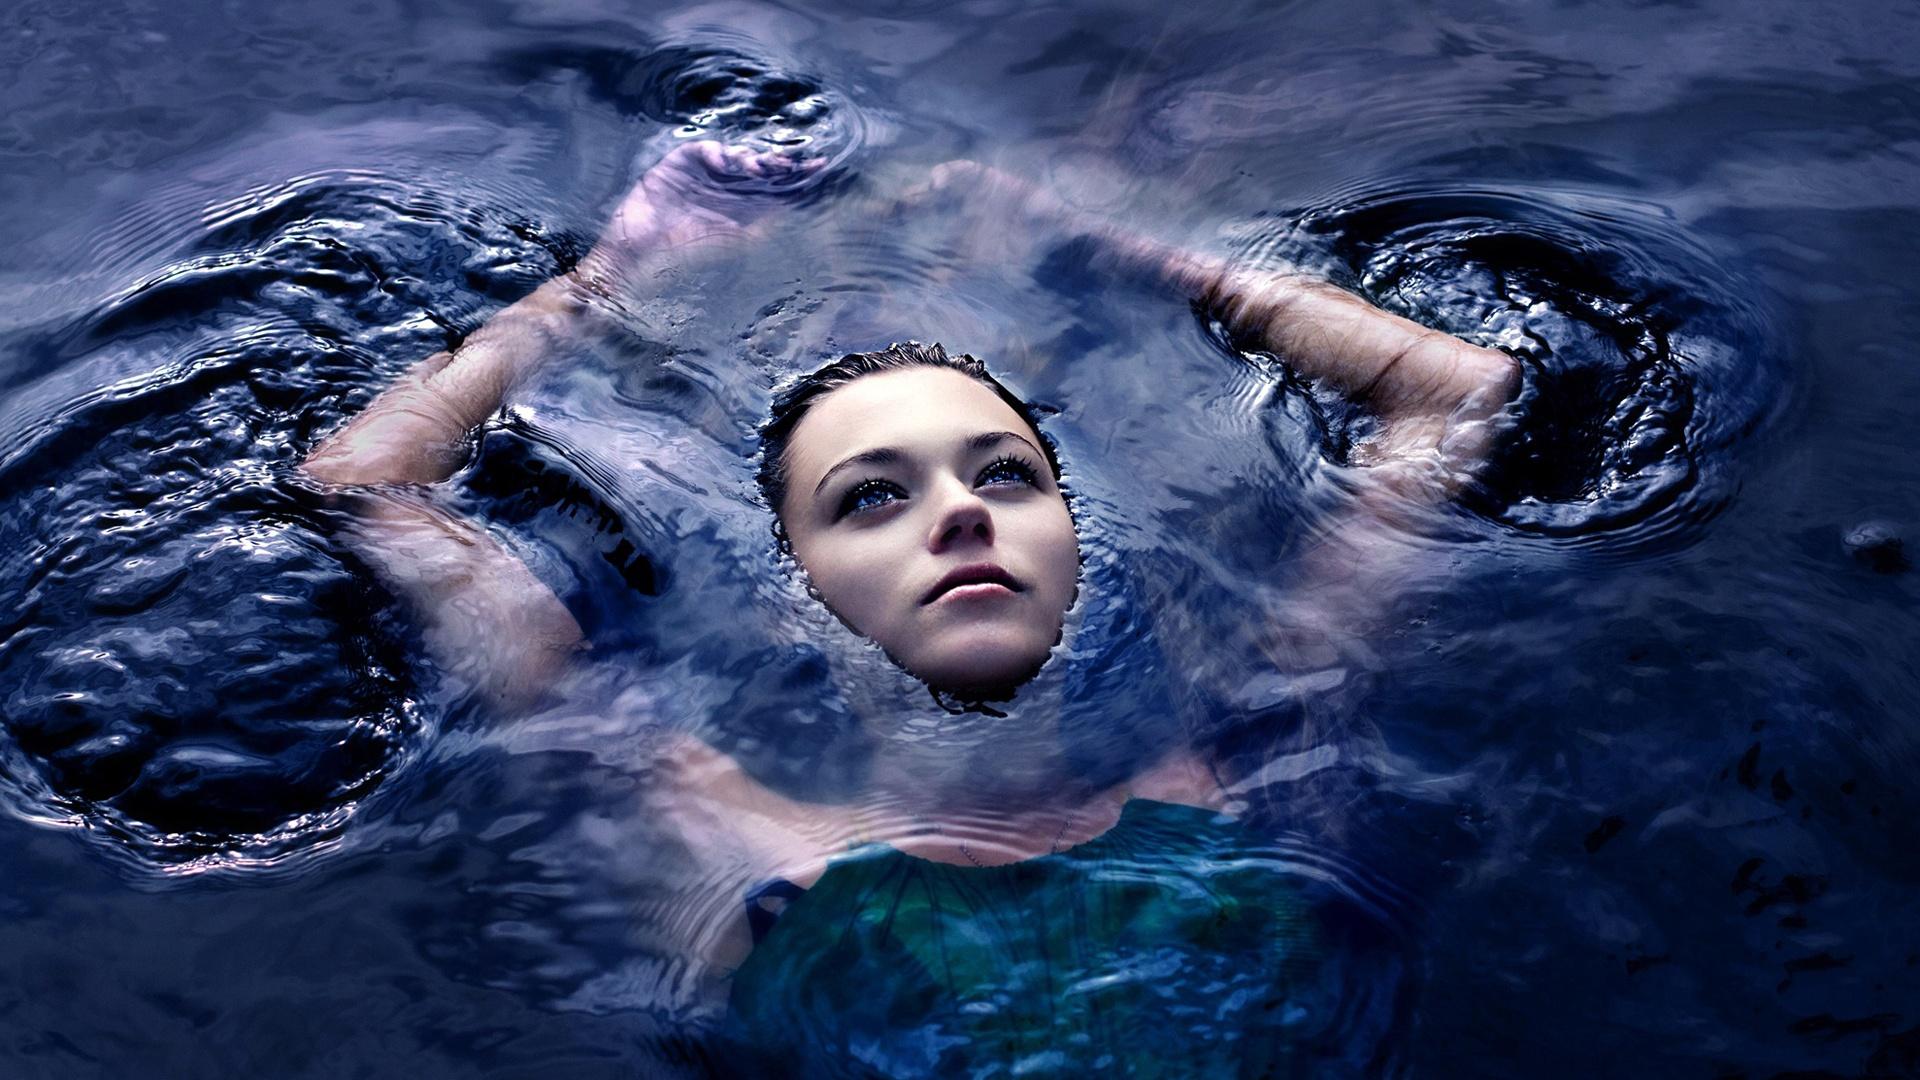 Girl in the water Wallpaper Desktop Wallpapers Wallpapers 1920x1080